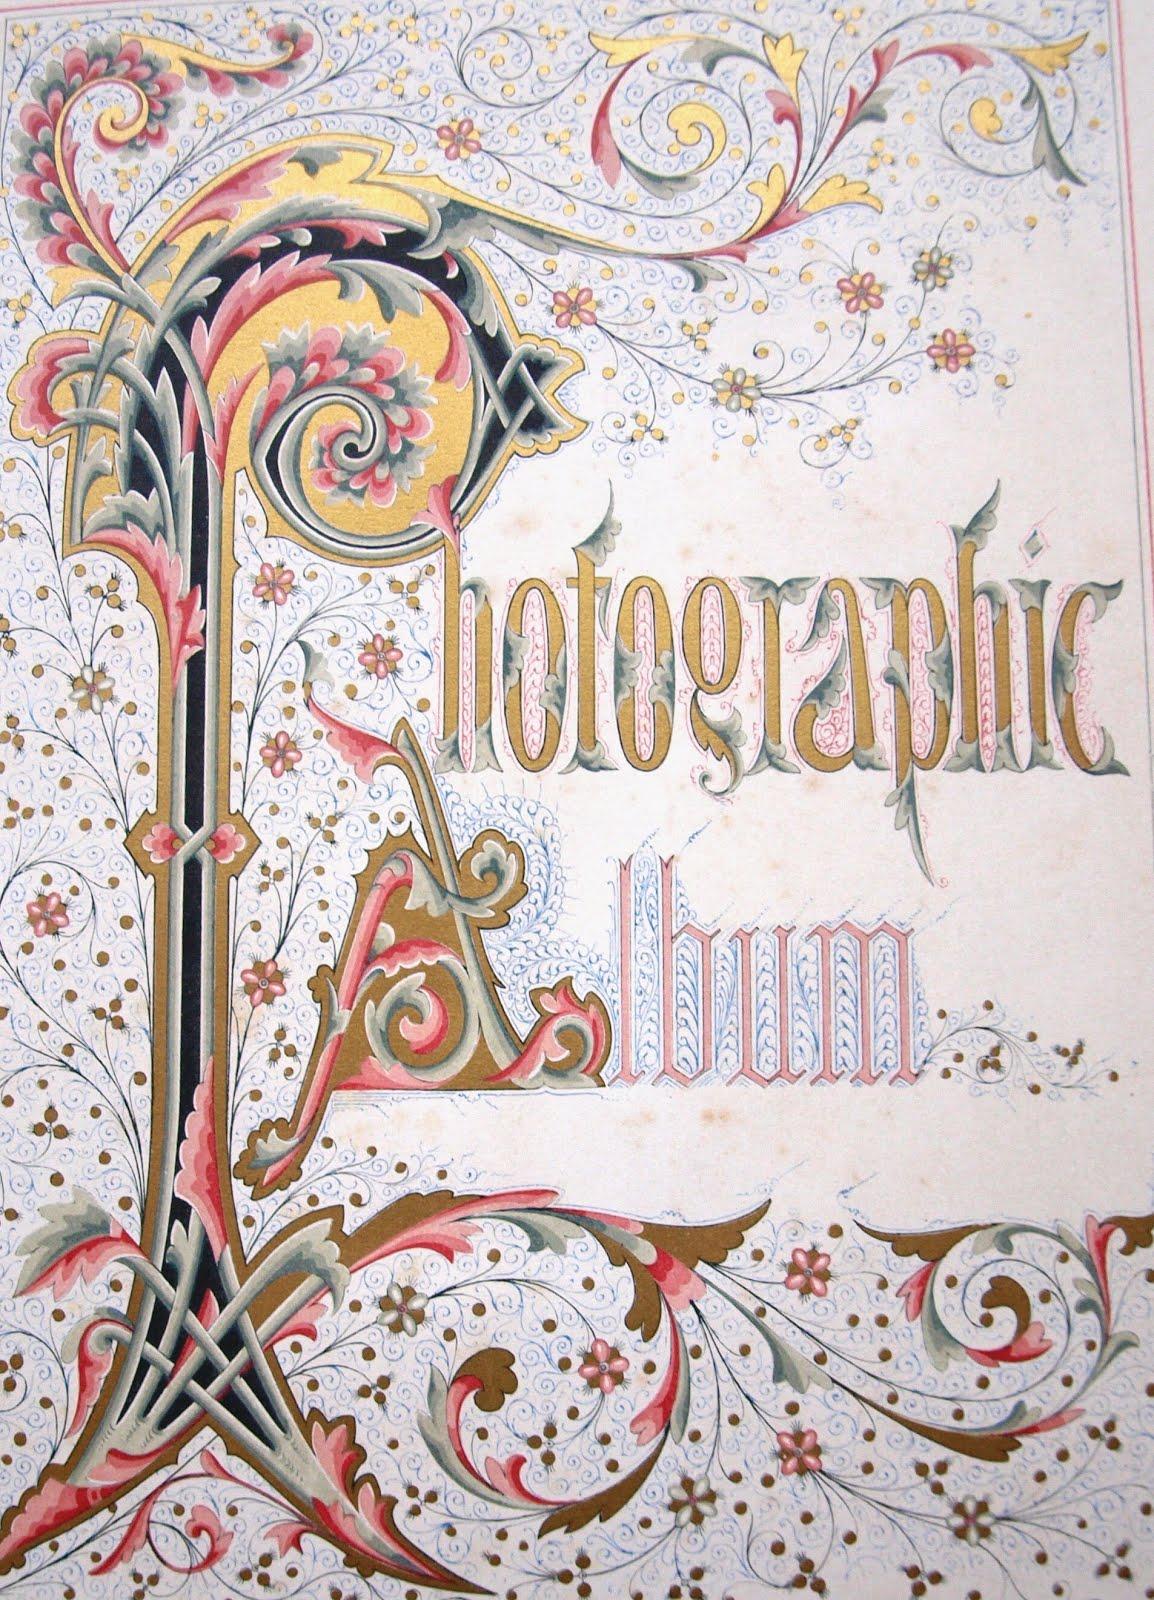 Victorian Album cover